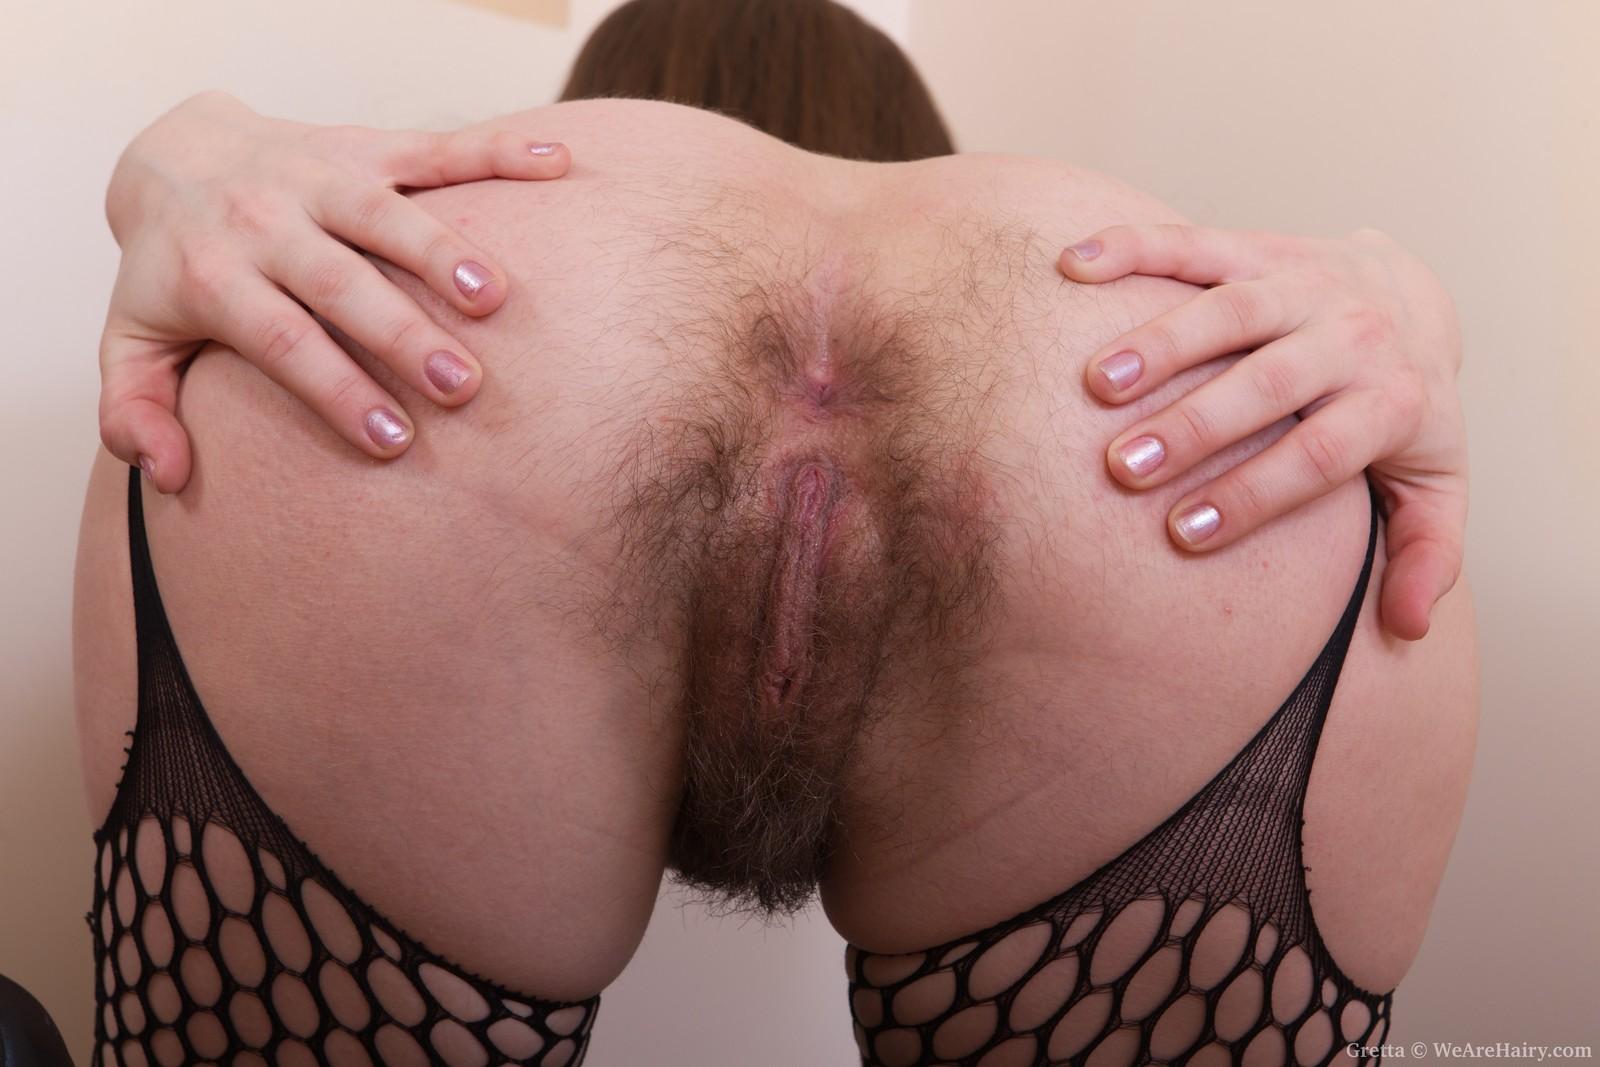 Фото очень волосатые жопы баб, Порно фото очень волосатых пезд женщин 6 фотография